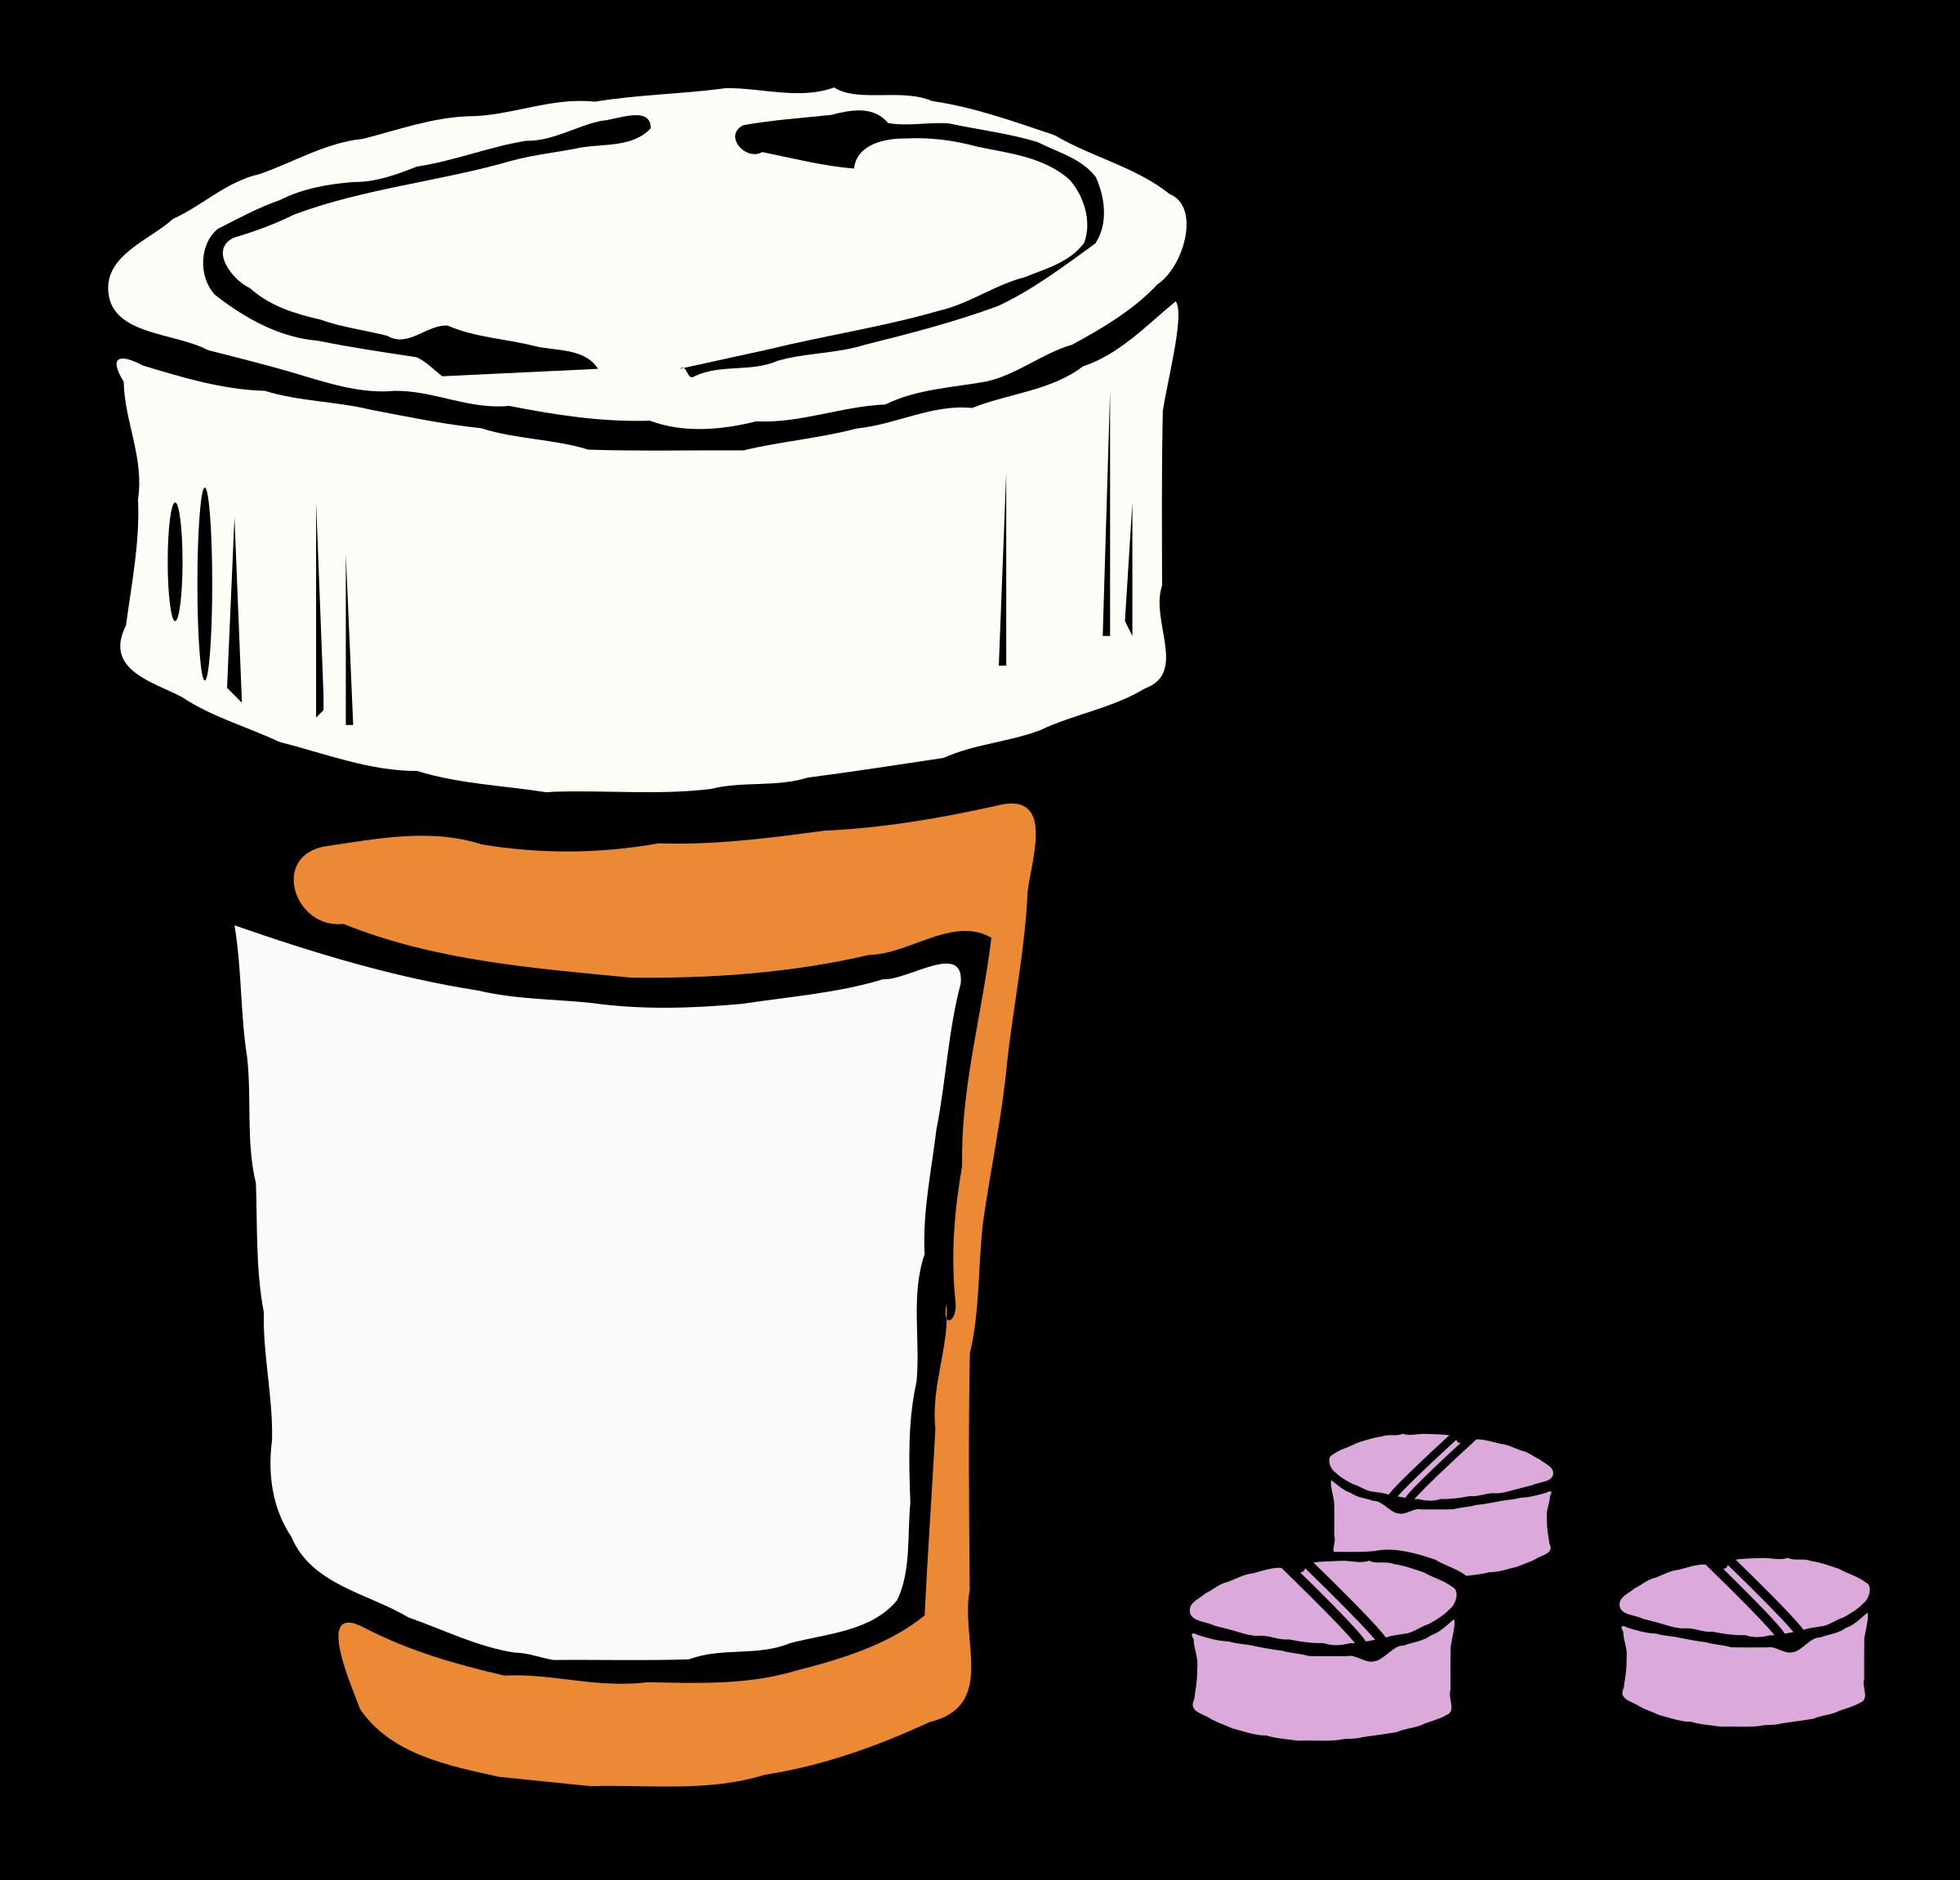 Colour big image png. Pills clipart medical